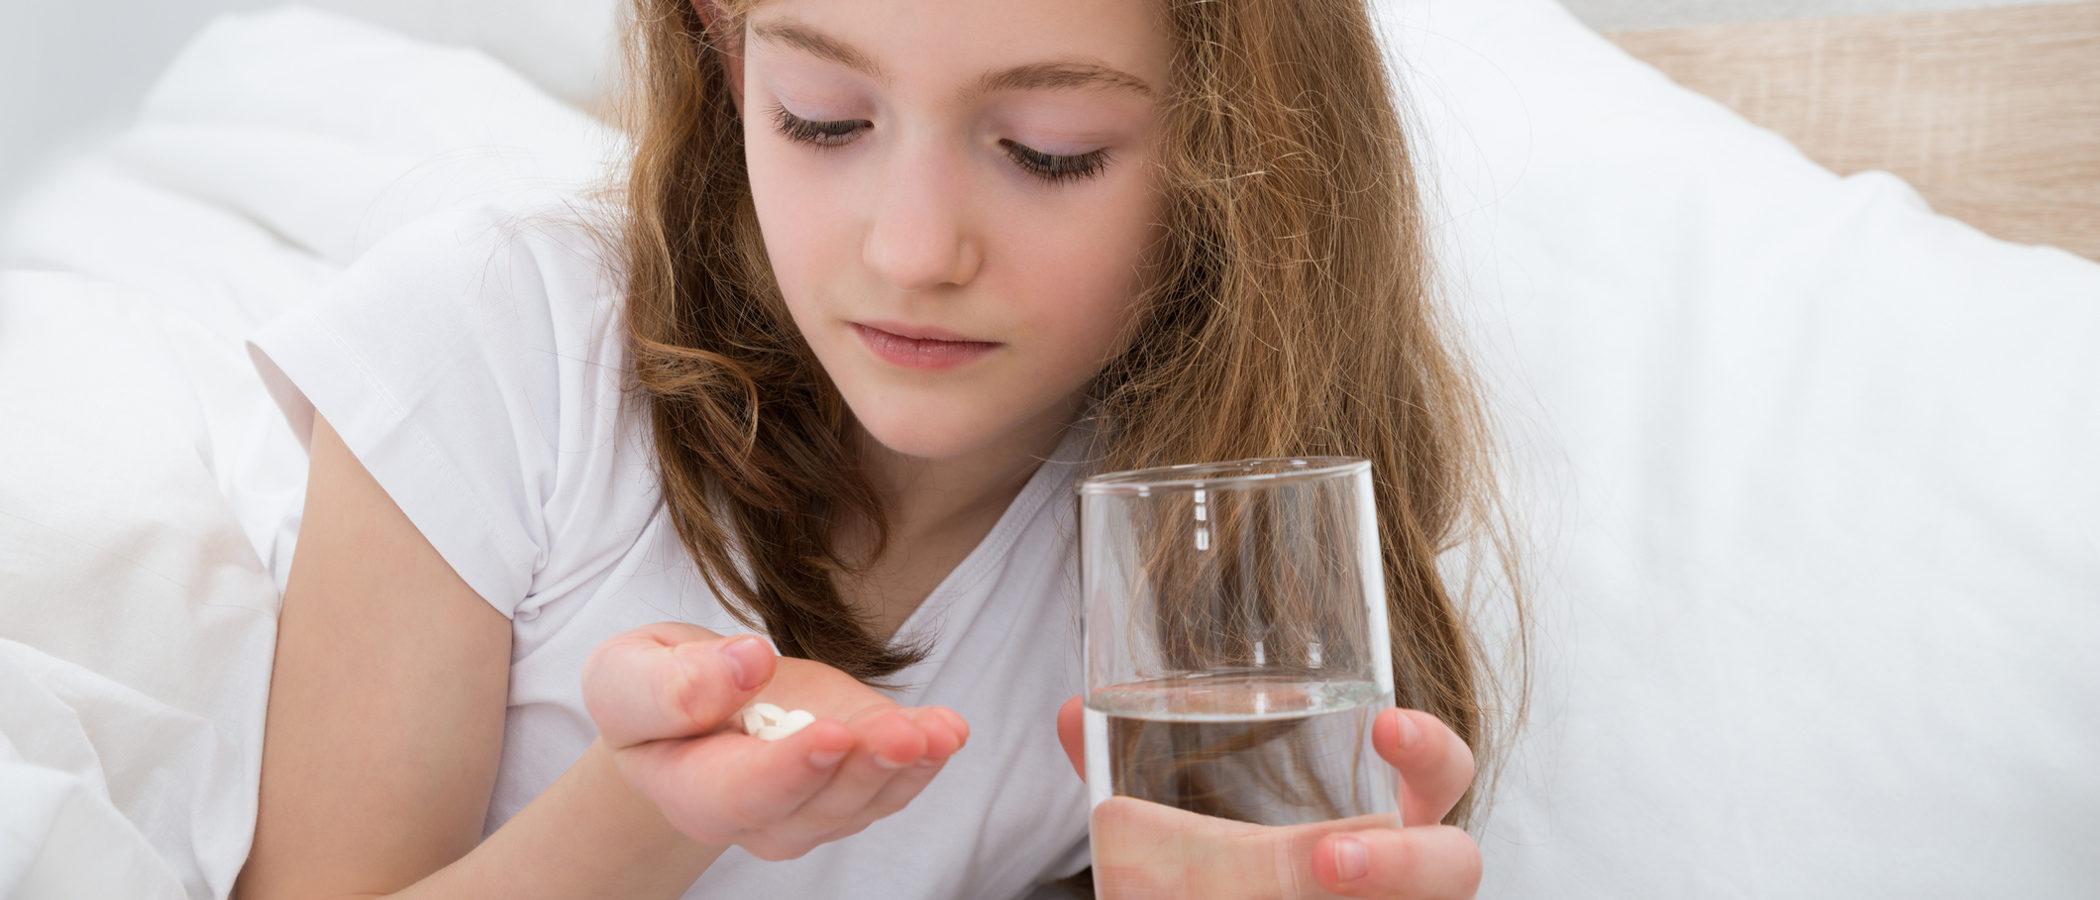 ¿Pueden tomar Omeprazol los niños?